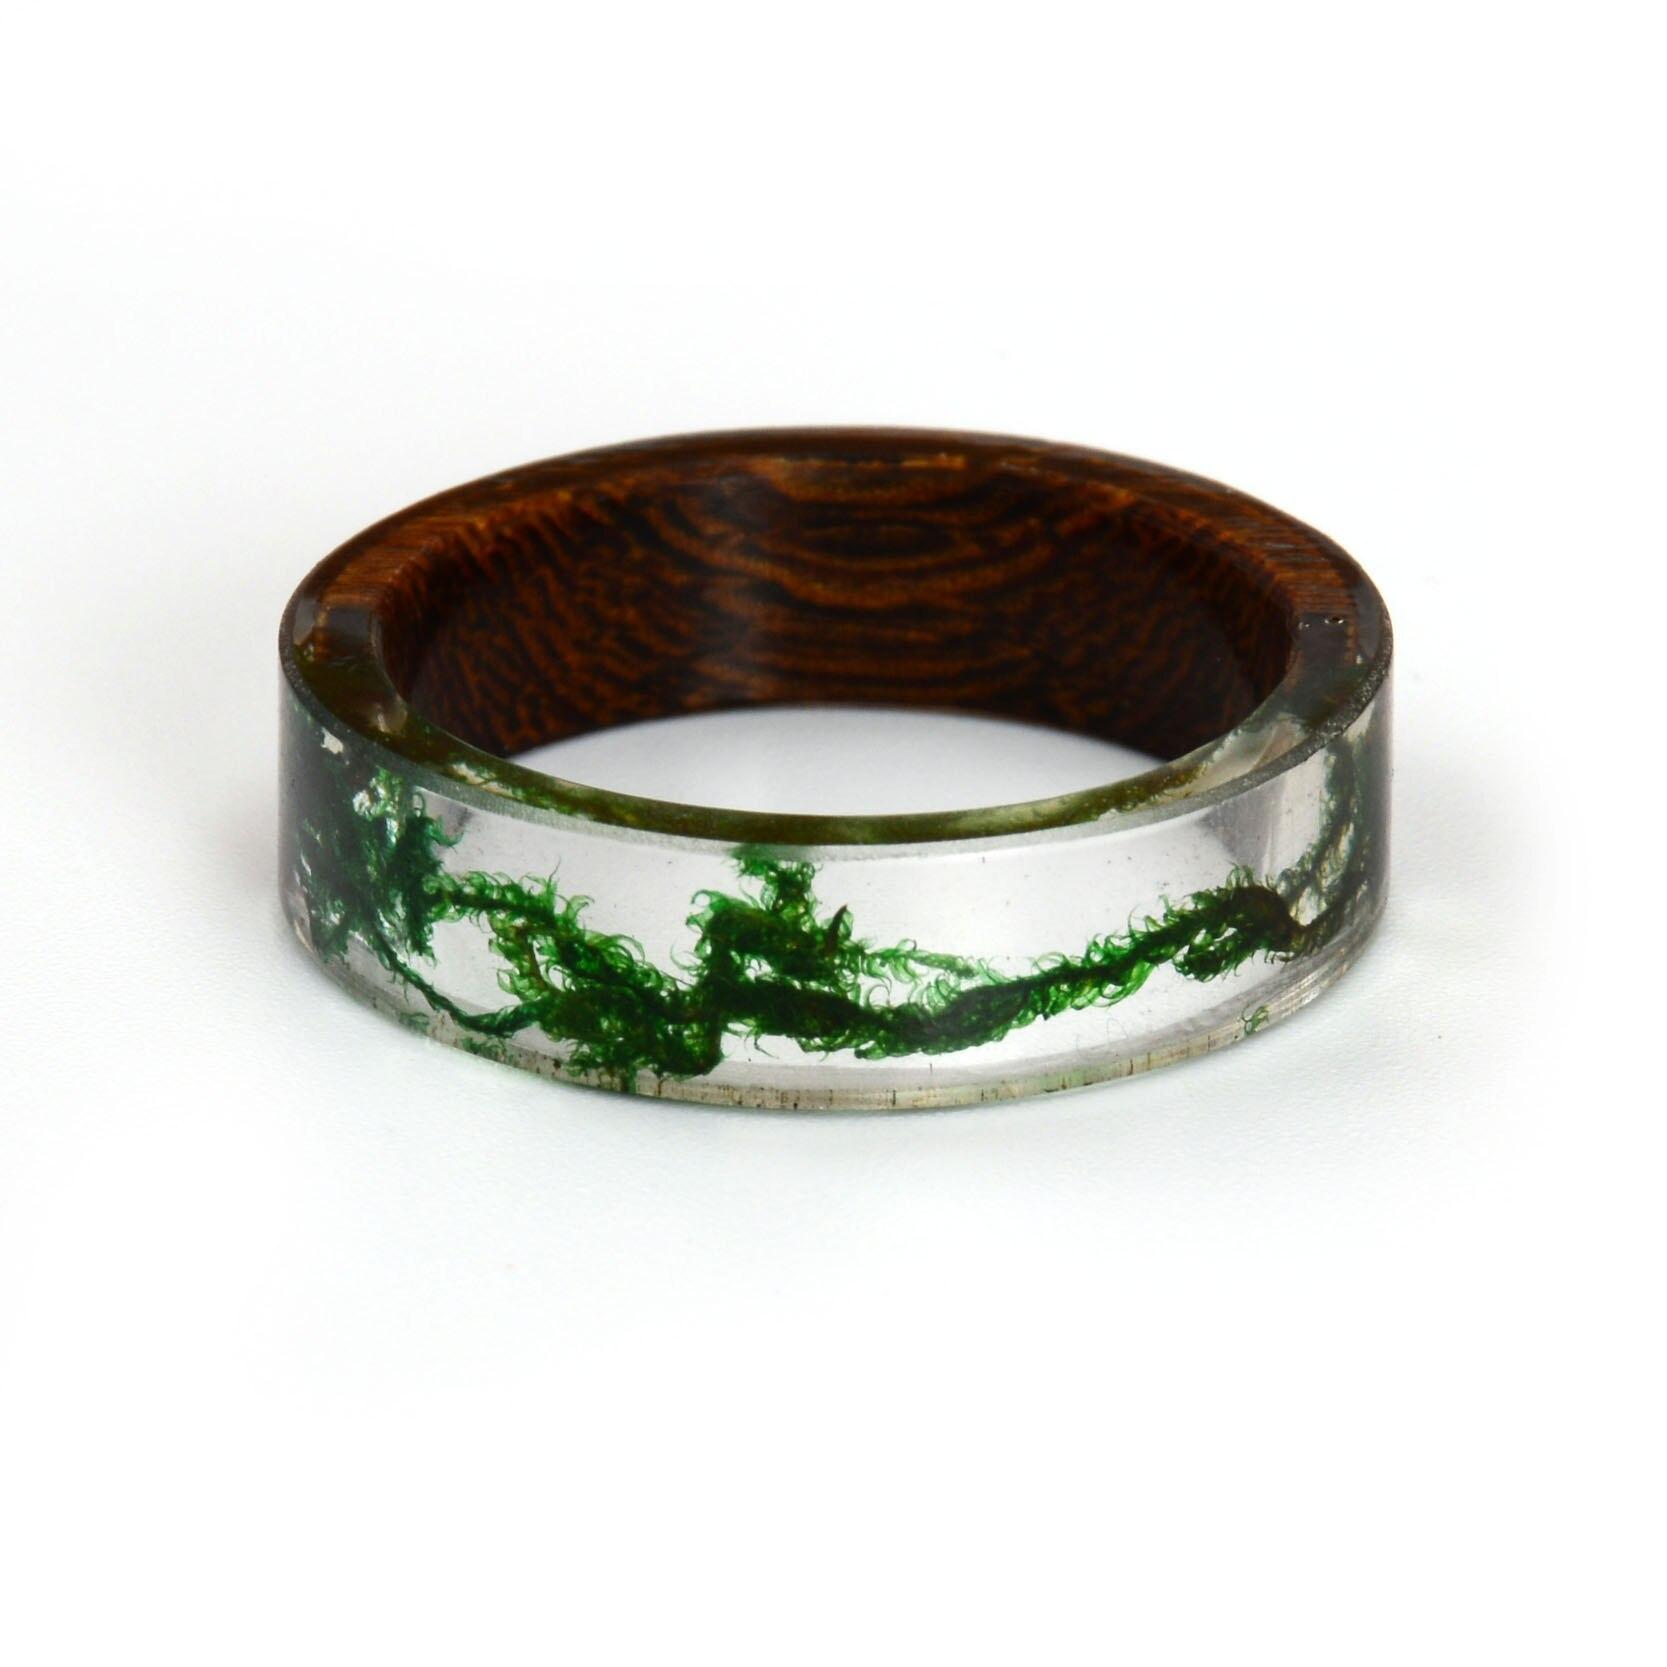 New Design Rings For Women Men Wood Resin Landscape Ring Male Natural Scenery Epoxy Resin Rings Female Finger Punk